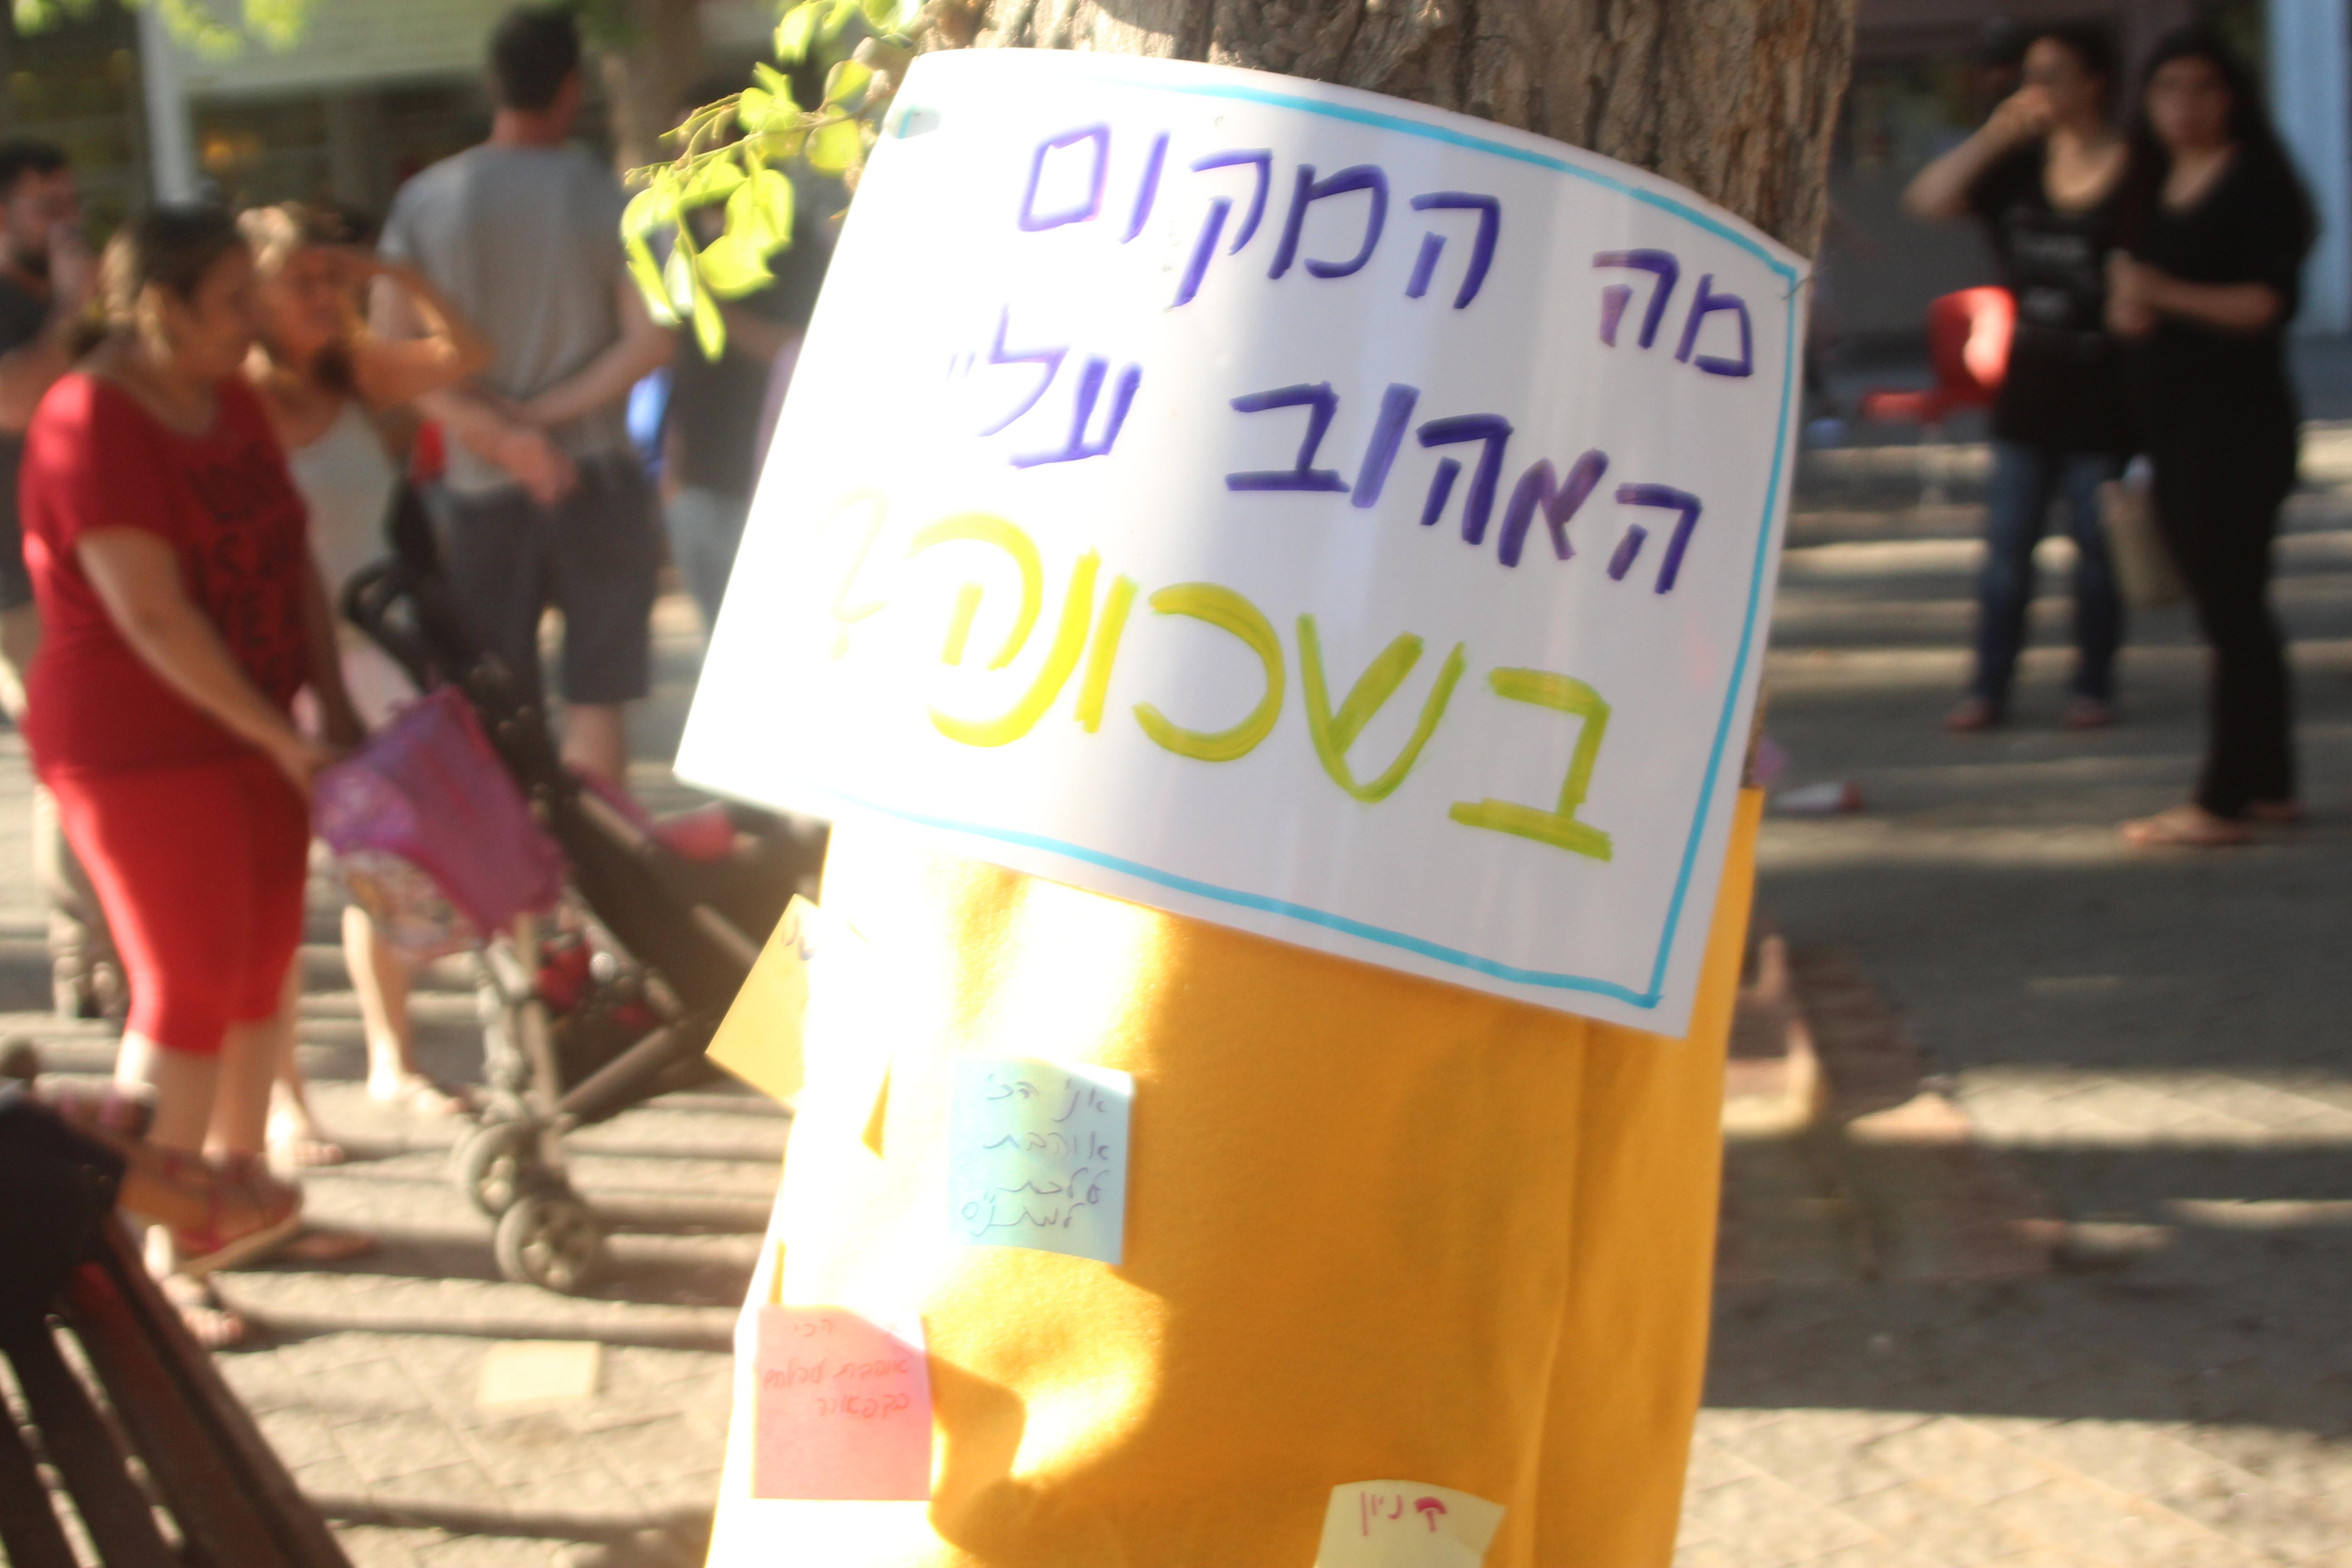 שכונת נווה שרת תל אביב